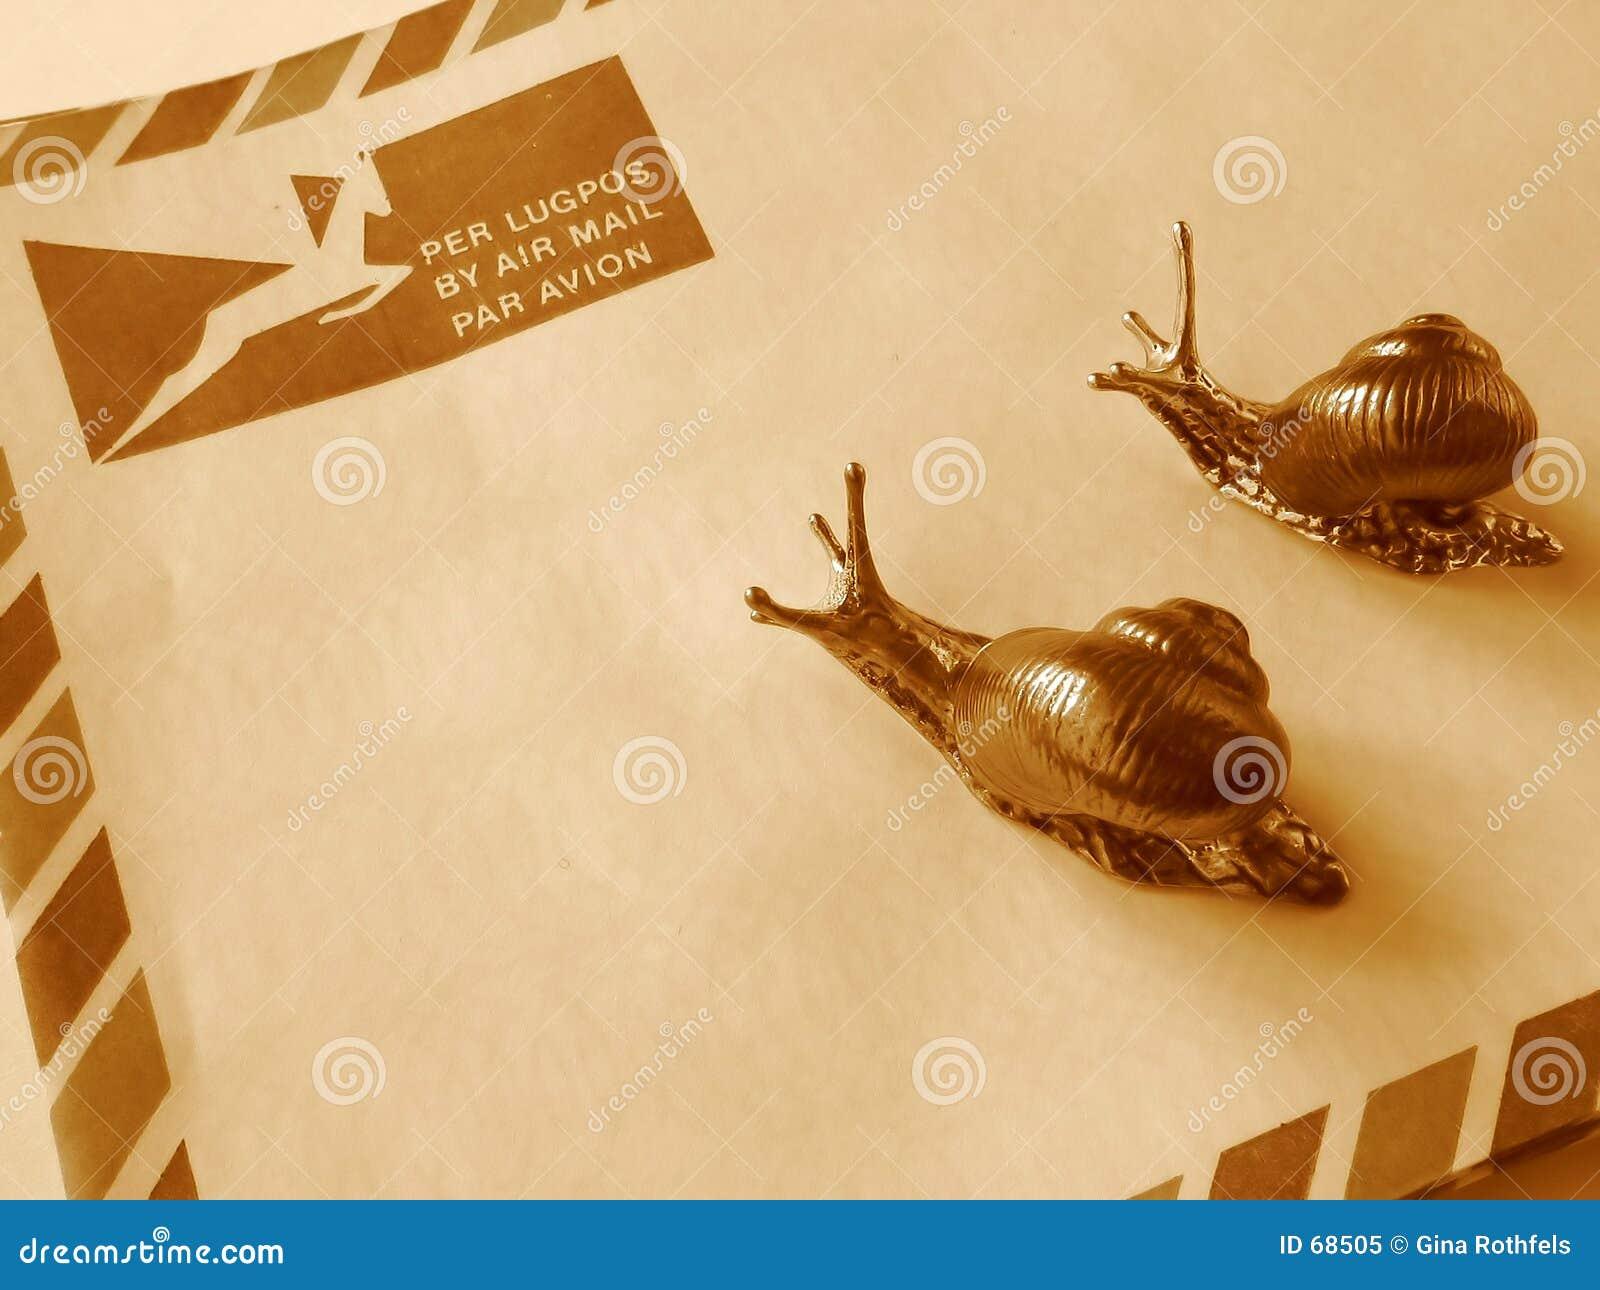 Luftpost oder snail mail?